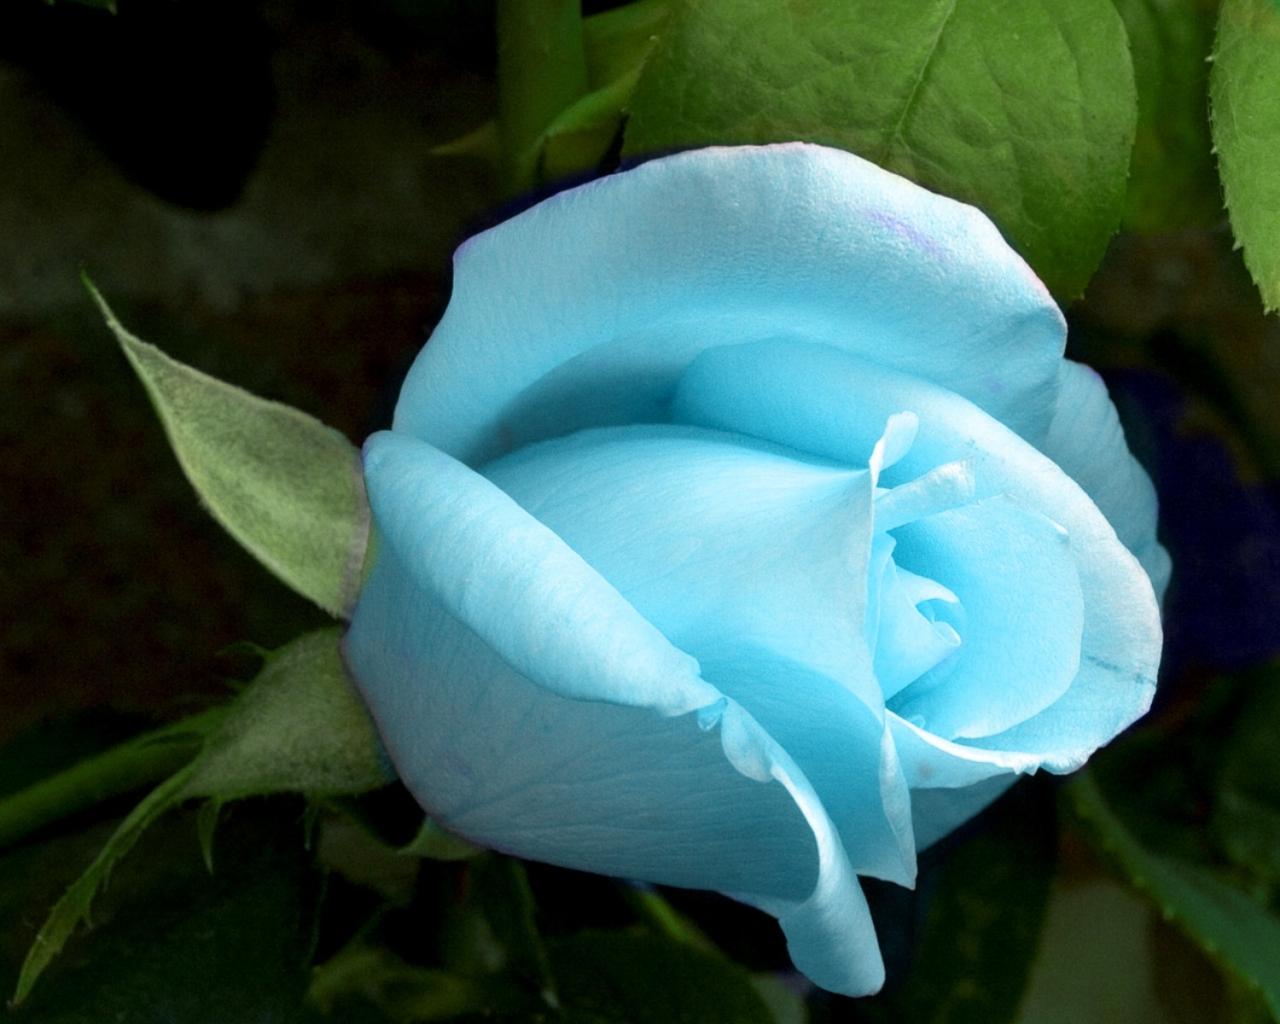 Картинки, Голубой светящийся цветок обои, рисунки, фото, заставки, на